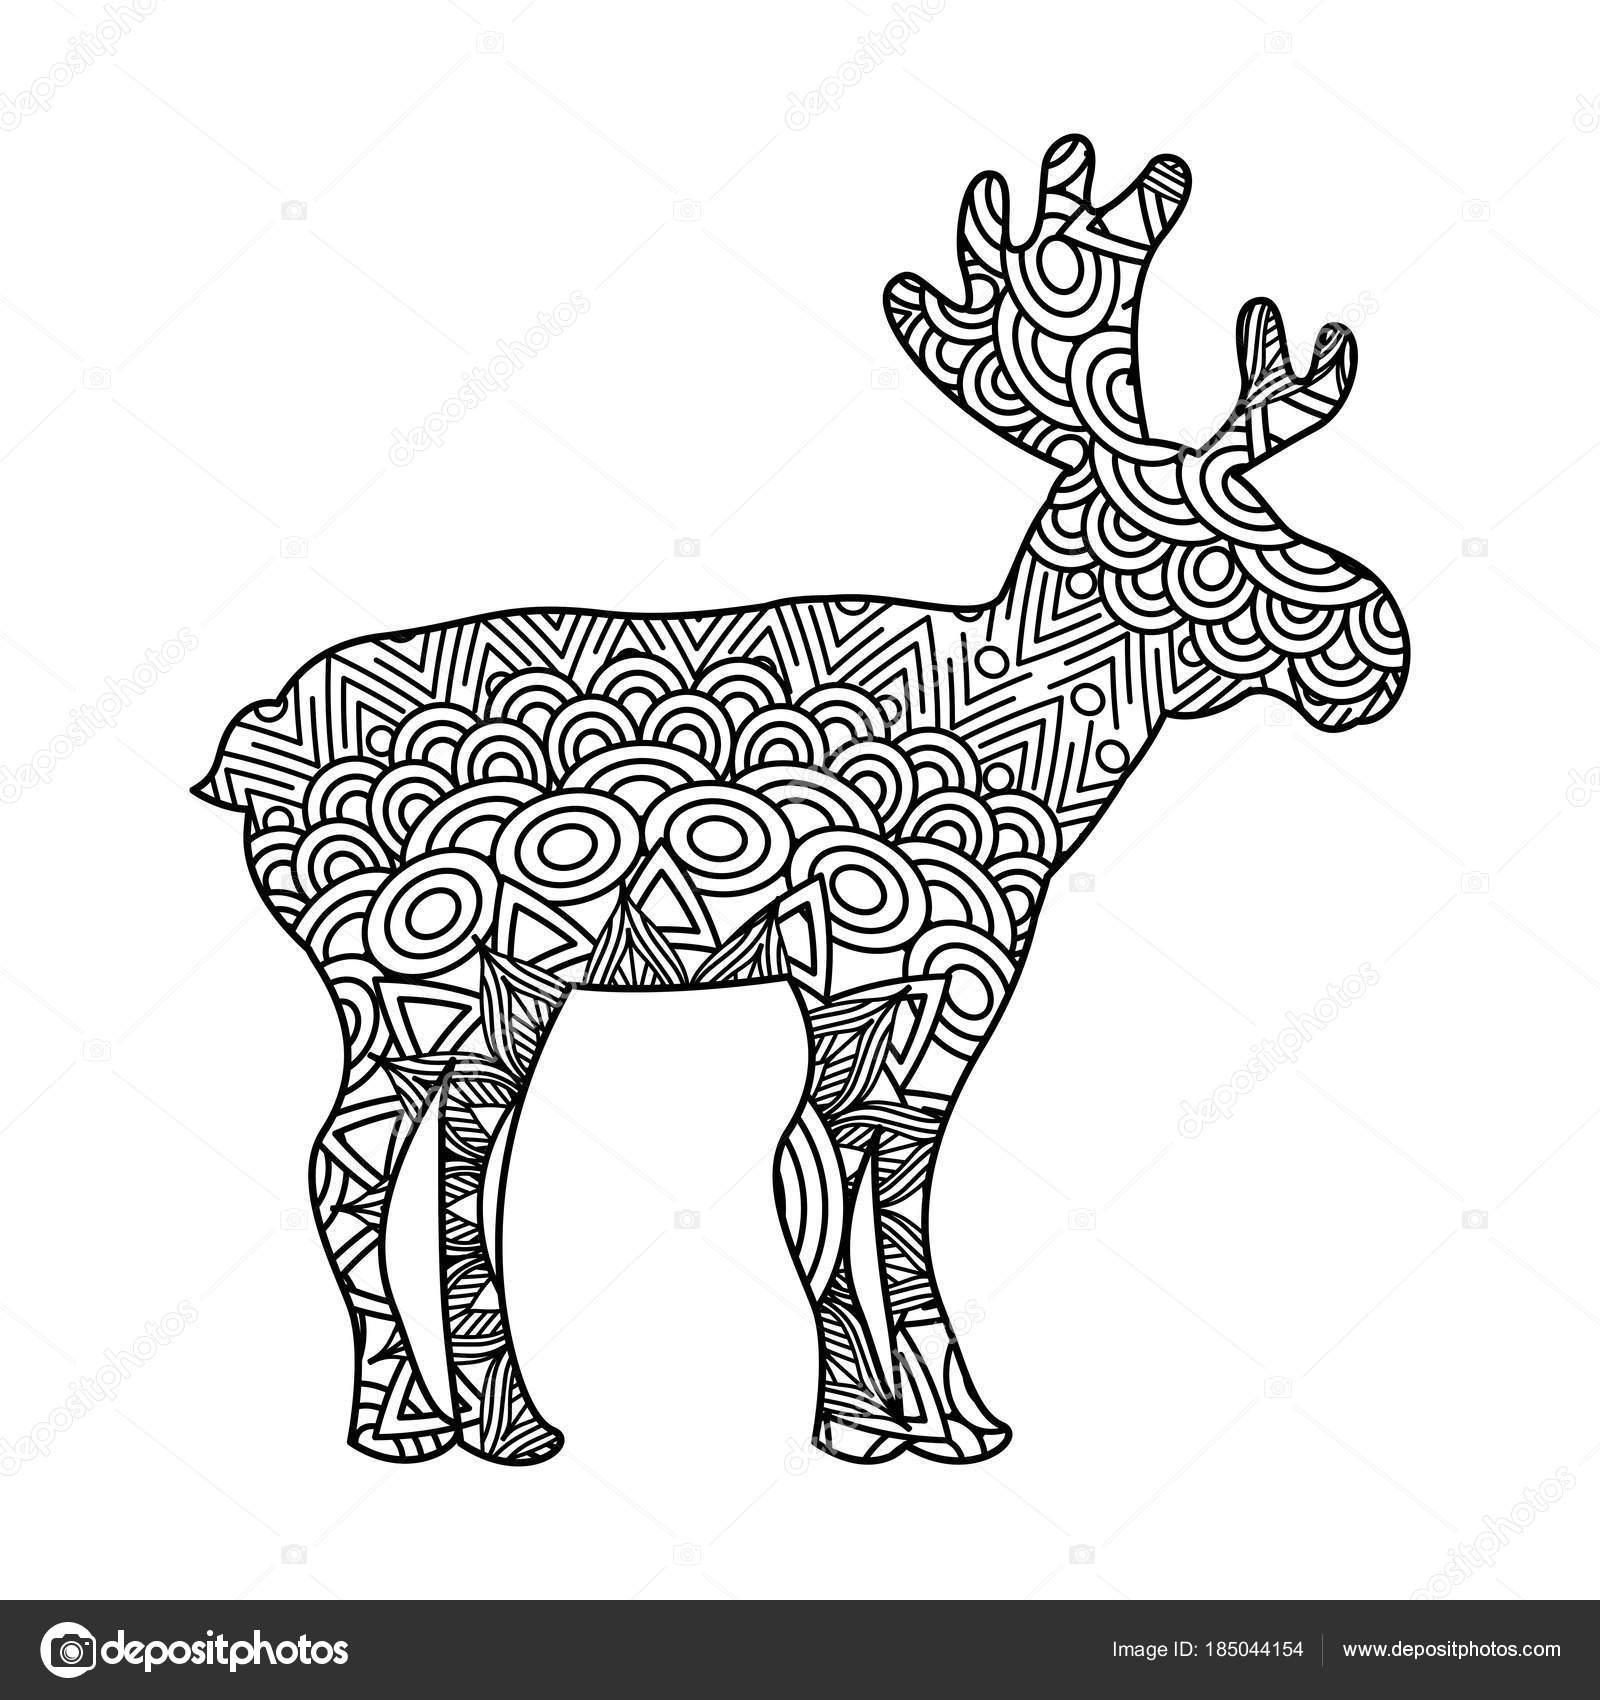 dibujo zentangle para página de adultos para colorear ciervo ...